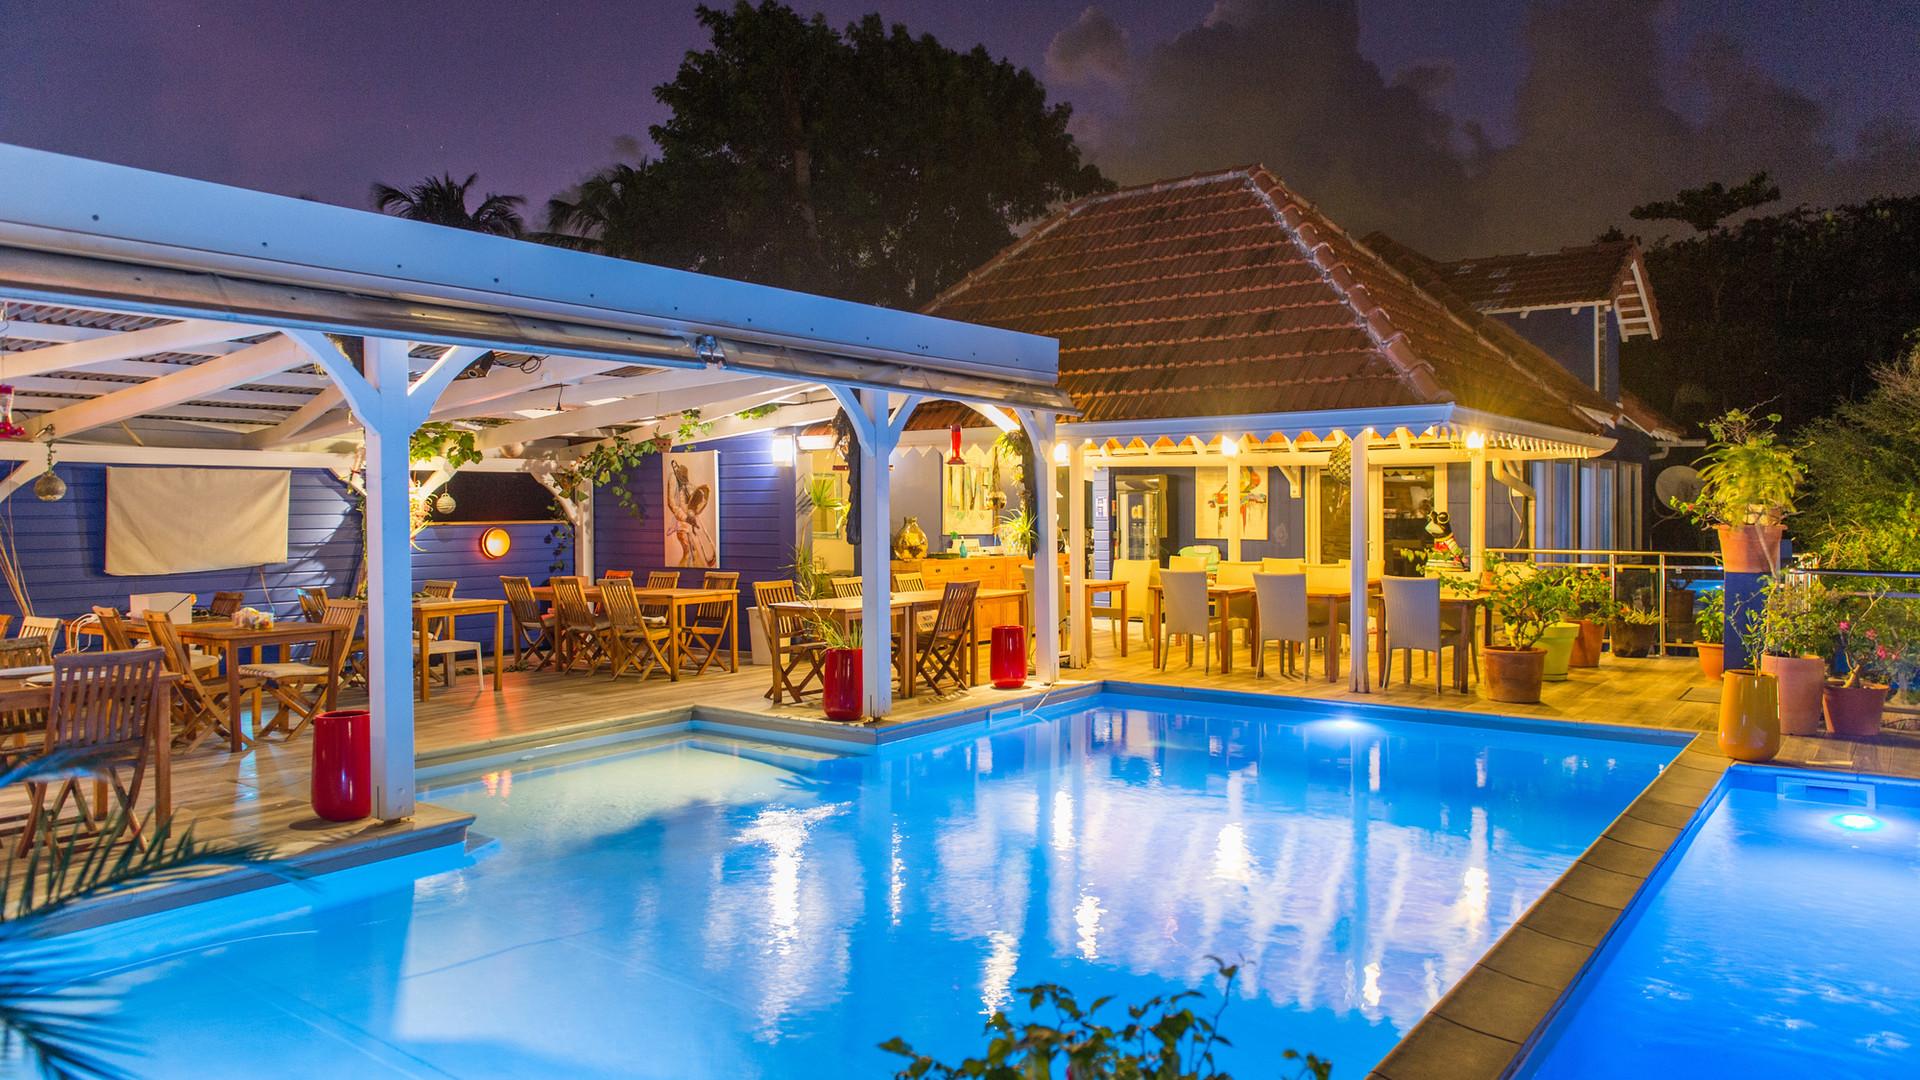 Restaurant, bar, piscine Hôtel Frégate Bleue de nuit